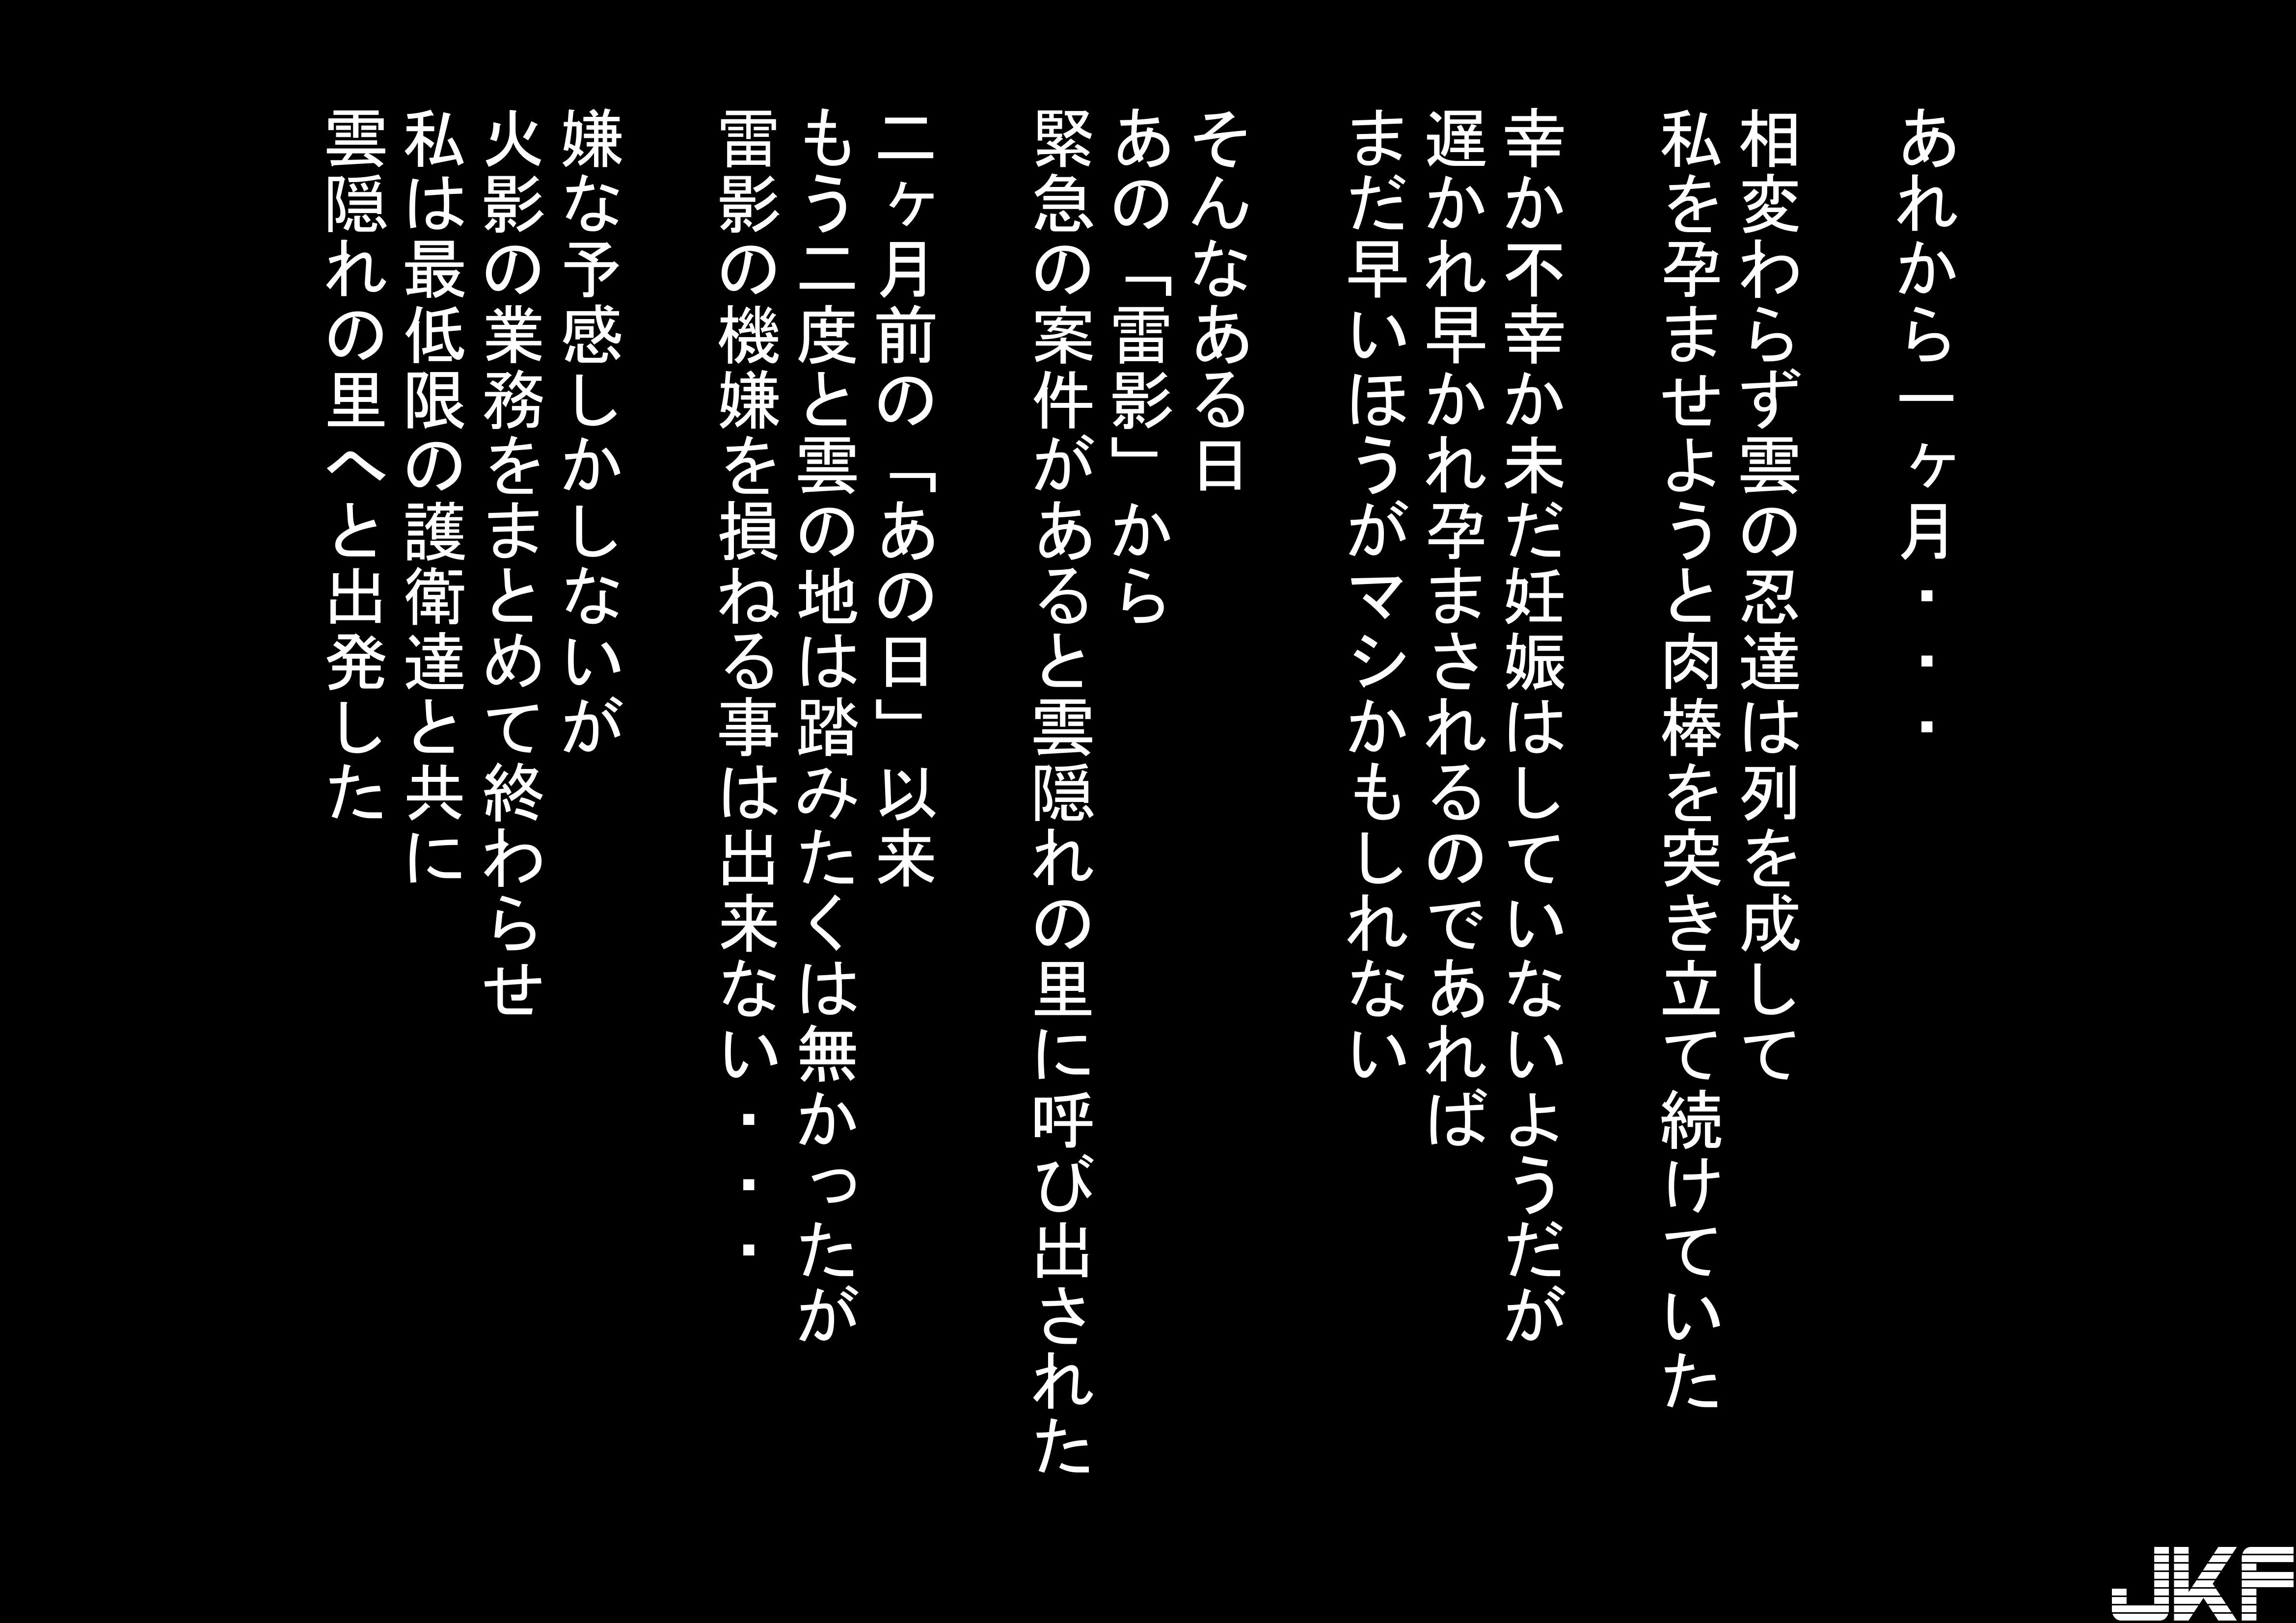 002_tuna_1.jpg